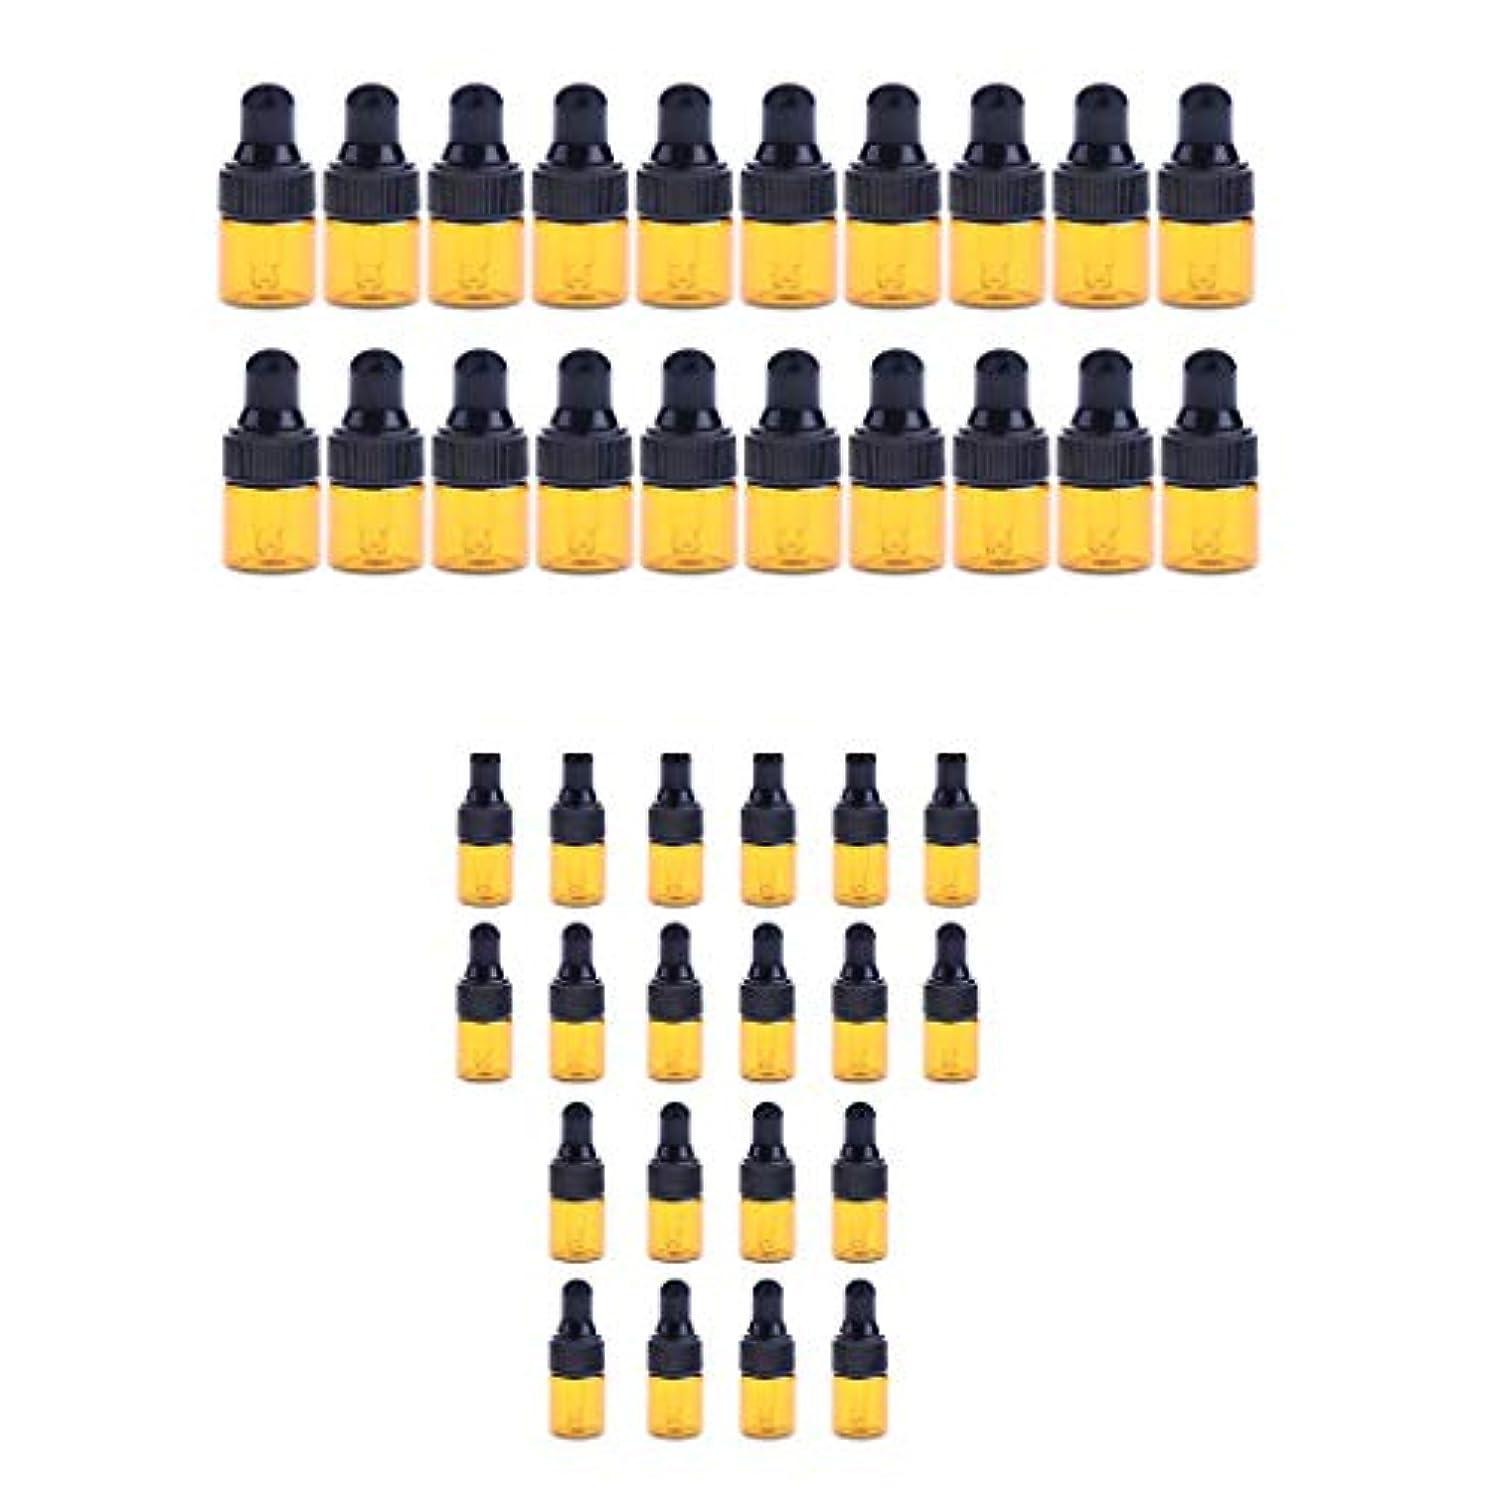 対処申し立てられた収穫小分けボトル スポイトボトル ガラス瓶 詰め替え 精油 香水 保存用 2ml / 3ml 40個入